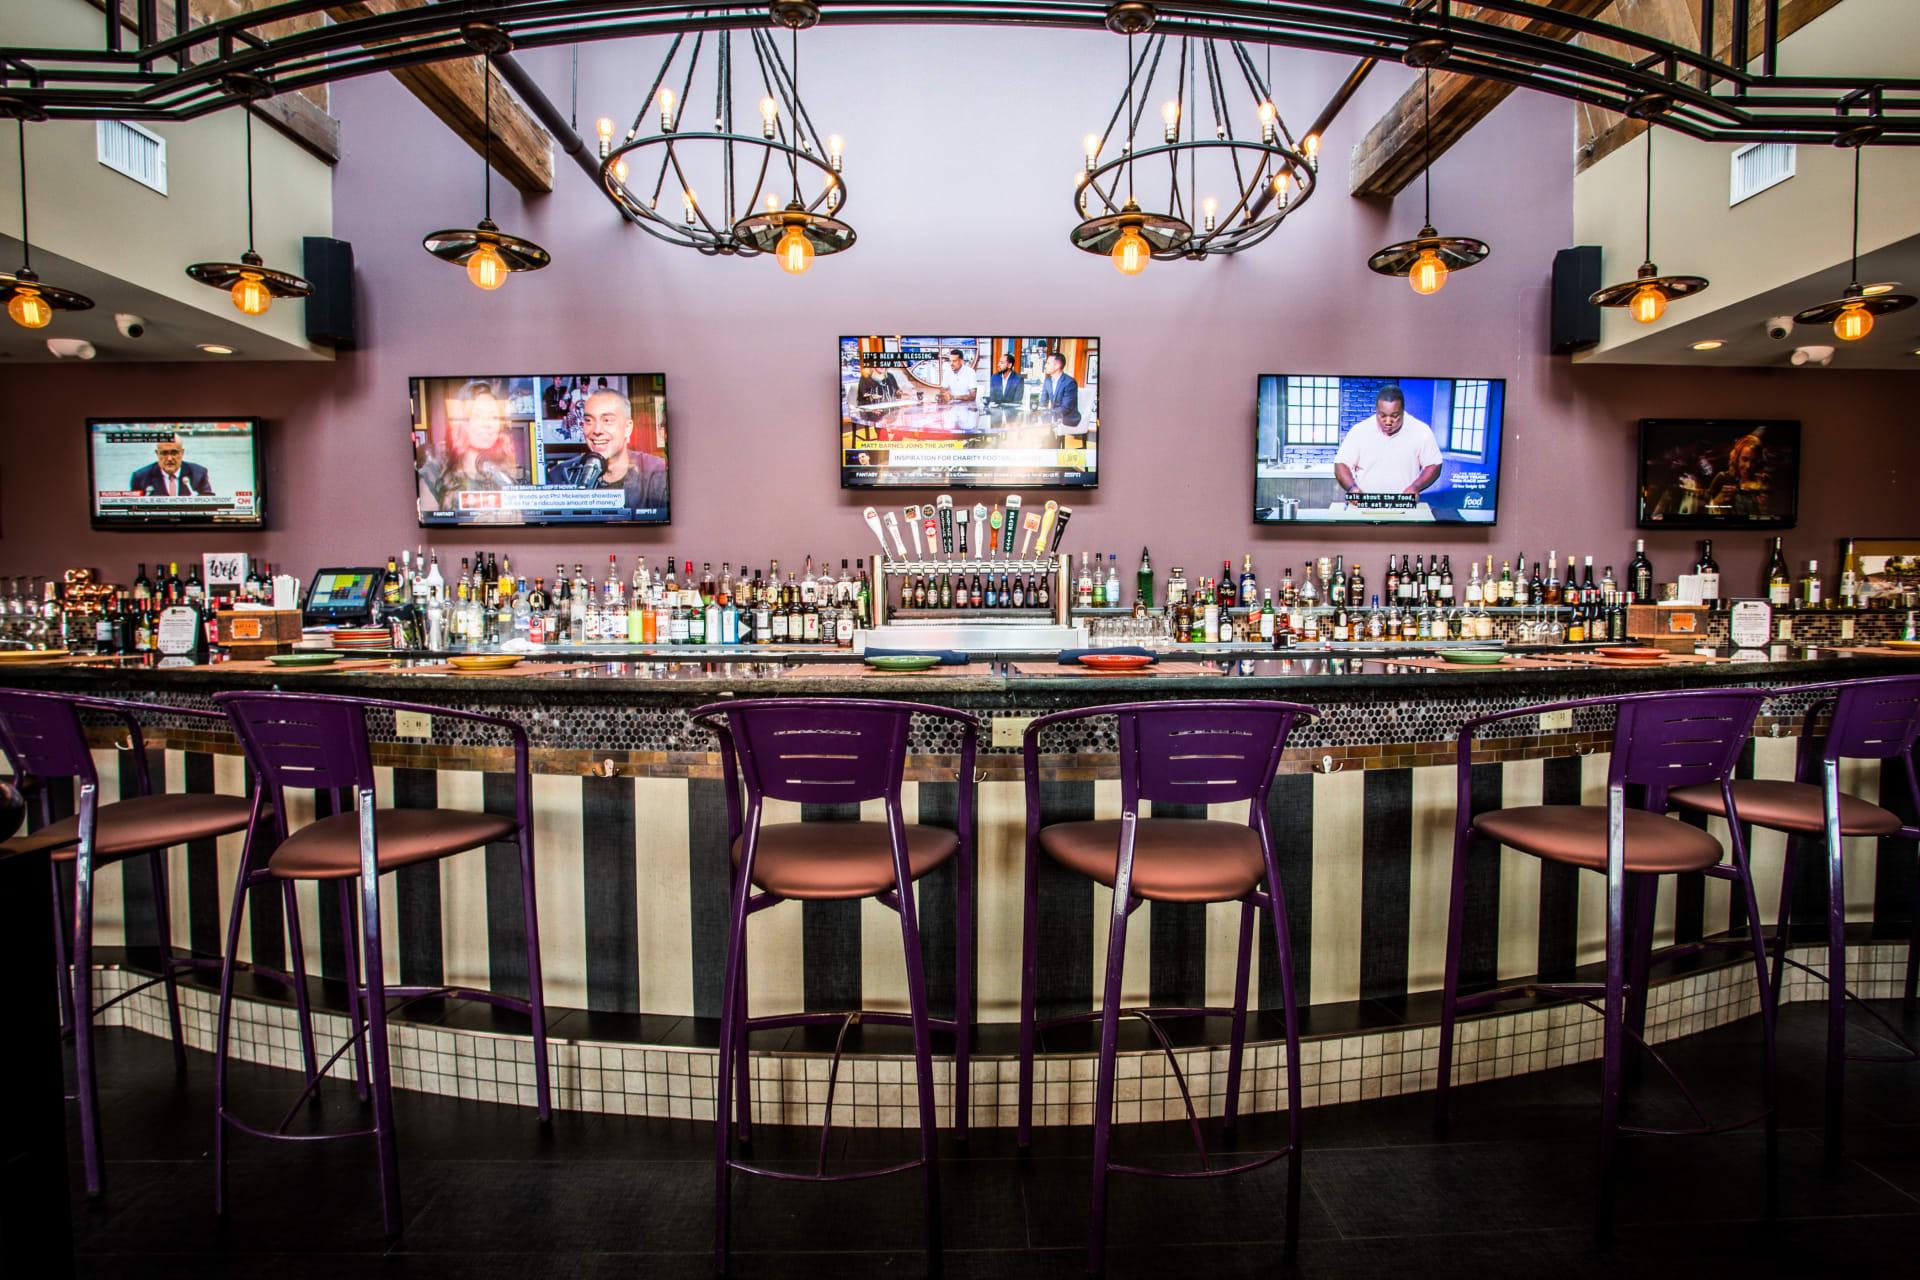 Blades Bar & Grill Gallery